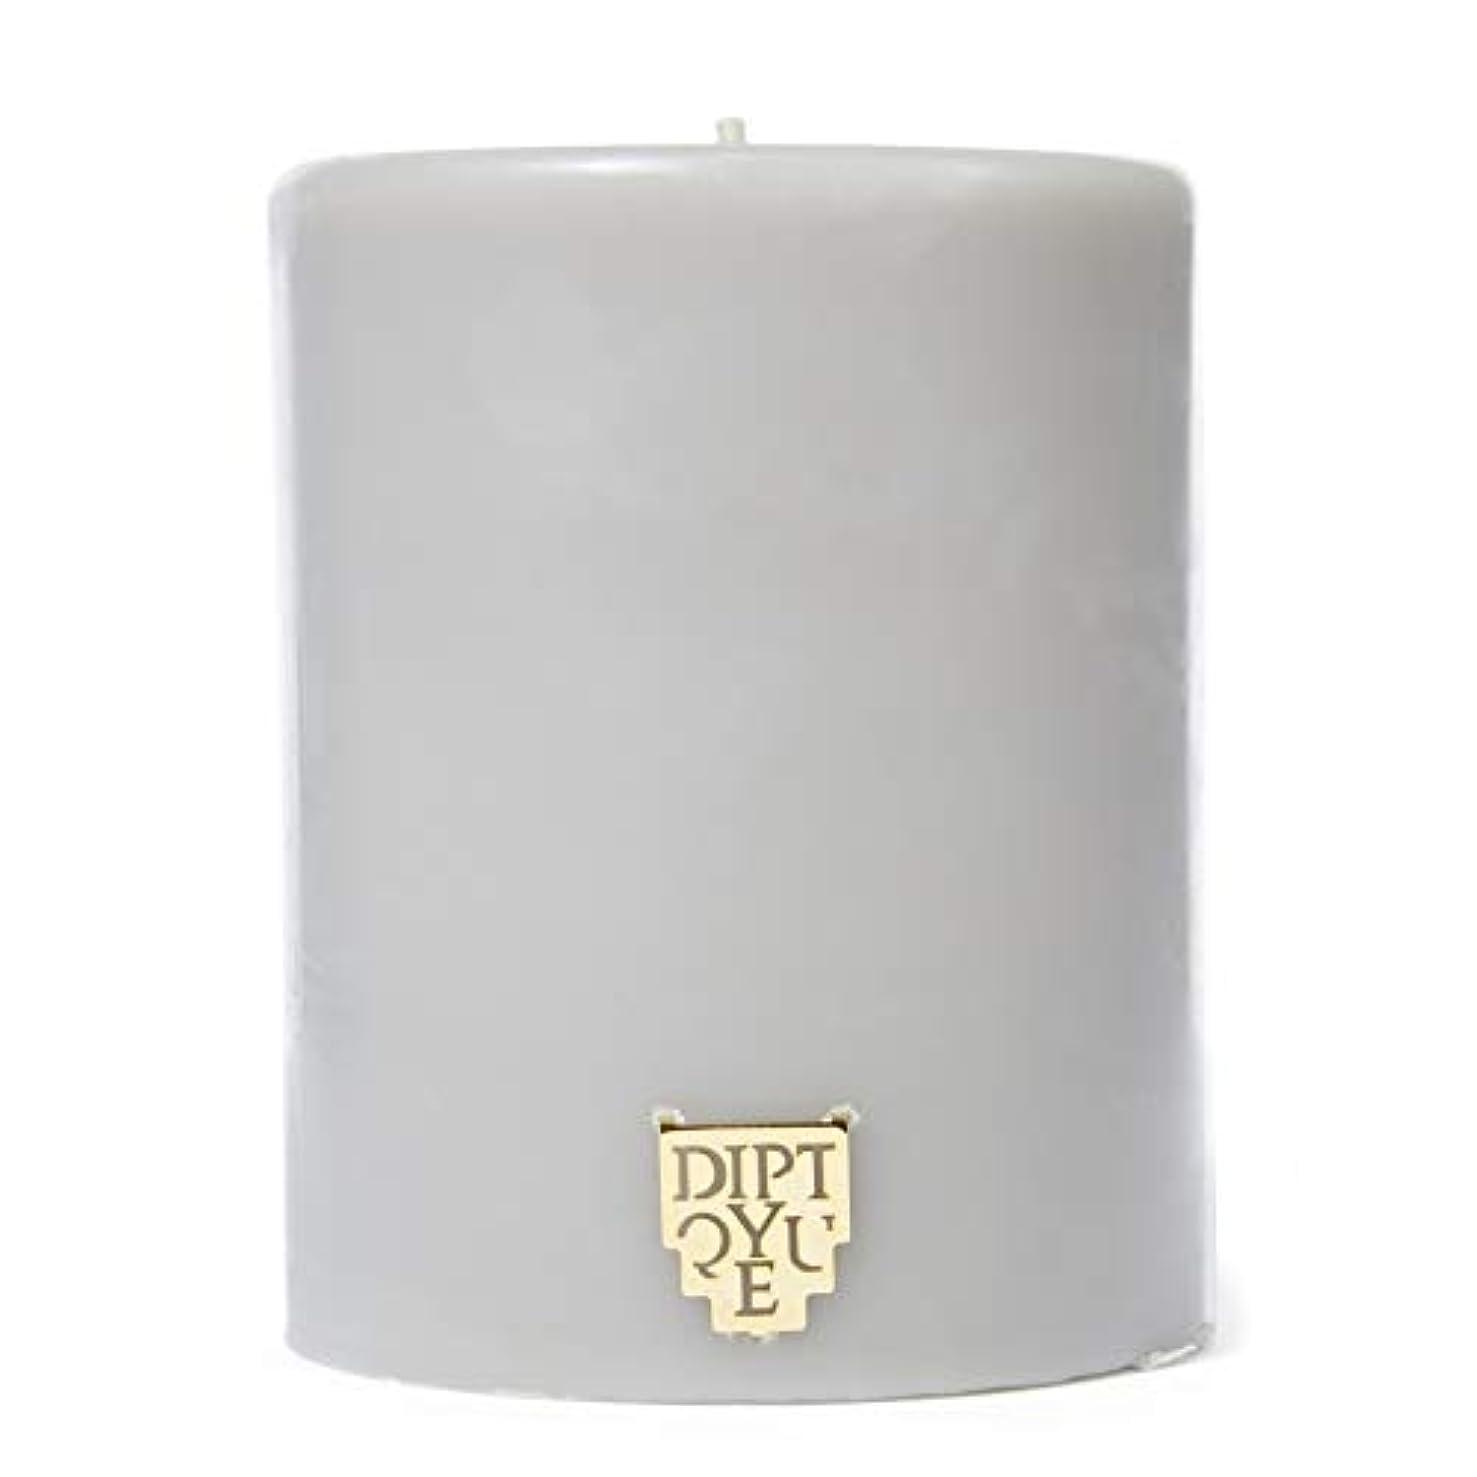 月曜単なるそっと[Diptyque] DiptyqueのFeuデボワピラーキャンドル450グラム - Diptyque Feu De Bois Pillar Candle 450g [並行輸入品]